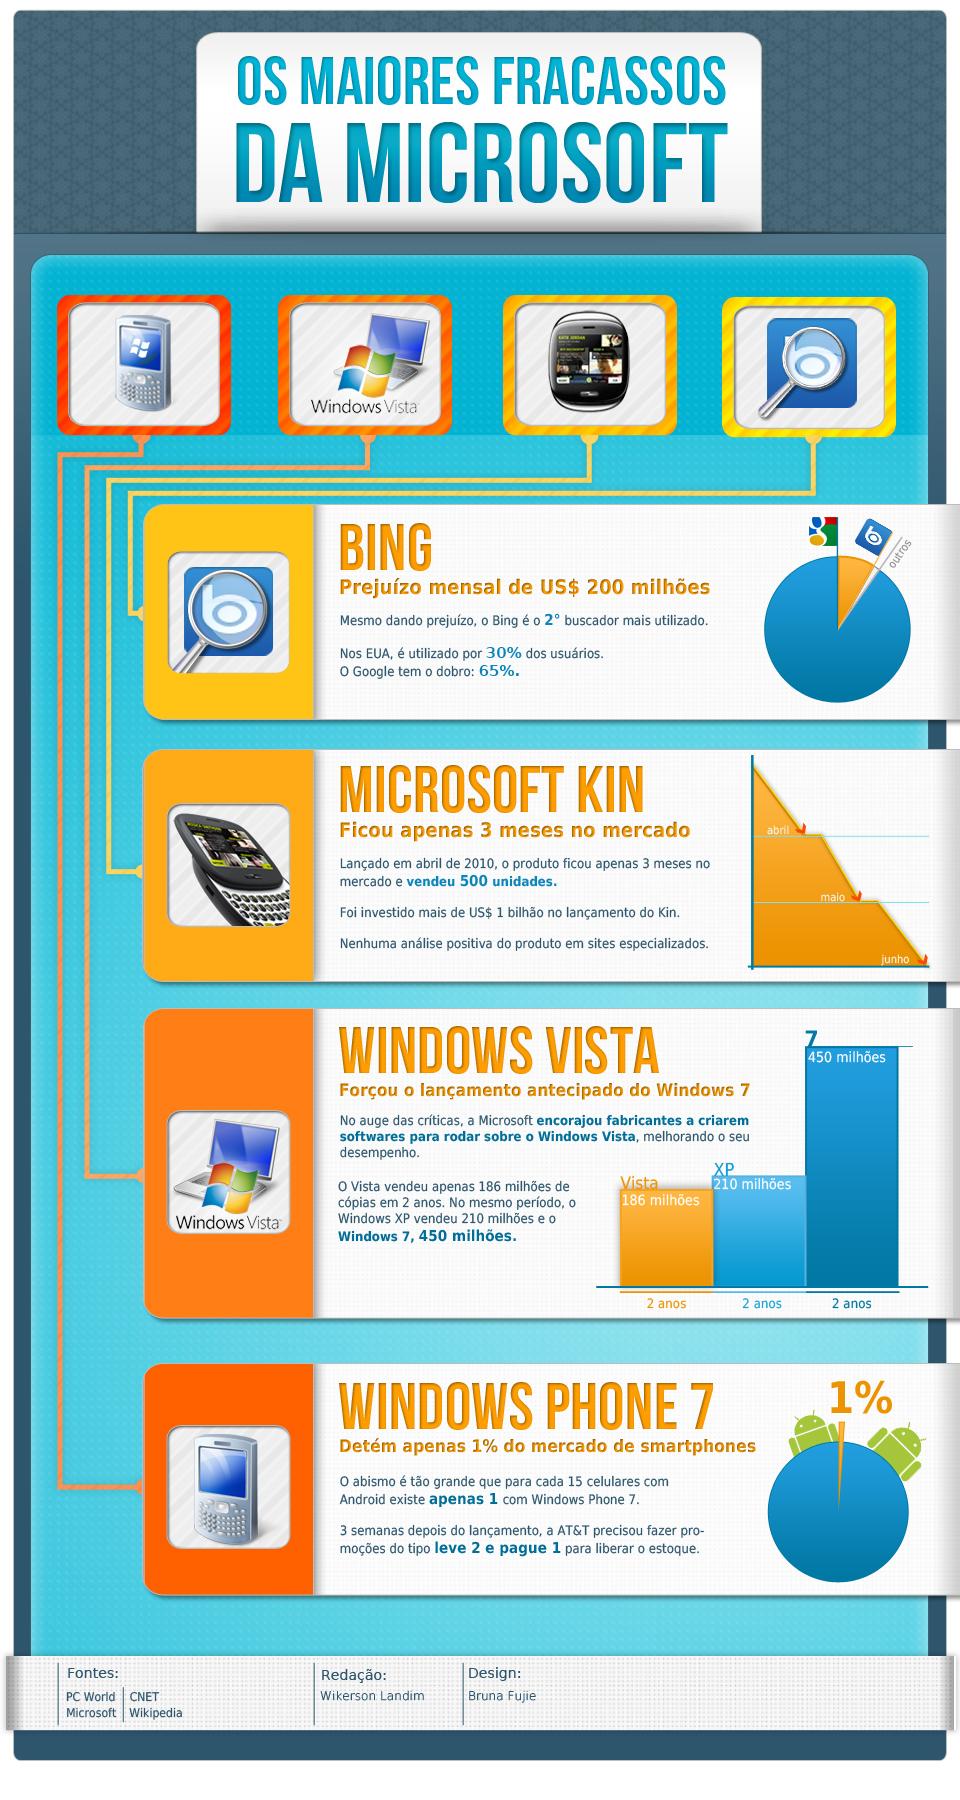 Os maiores fracassos da Microsoft [infográfico]